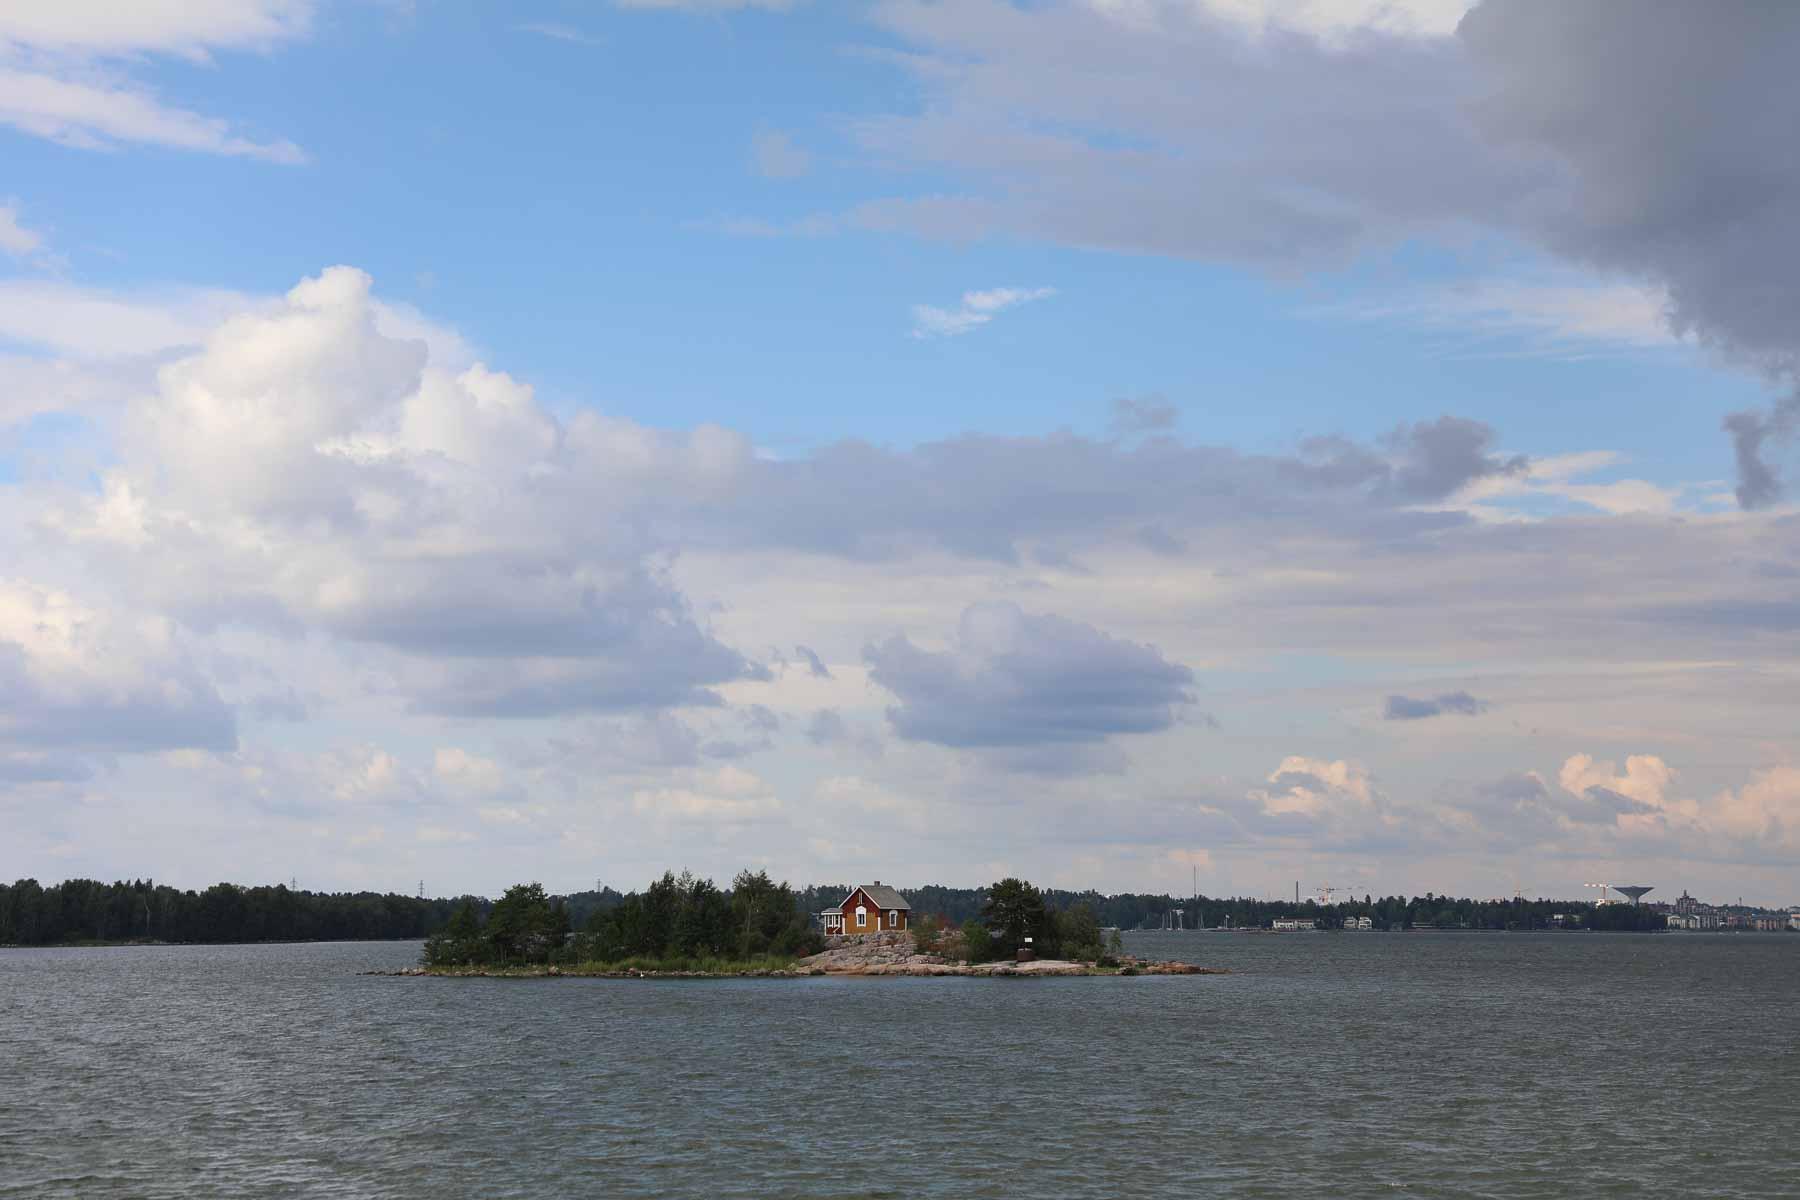 """Erst die Finnen nannten sie später """"Suomenlinna"""" – Finnenburg"""